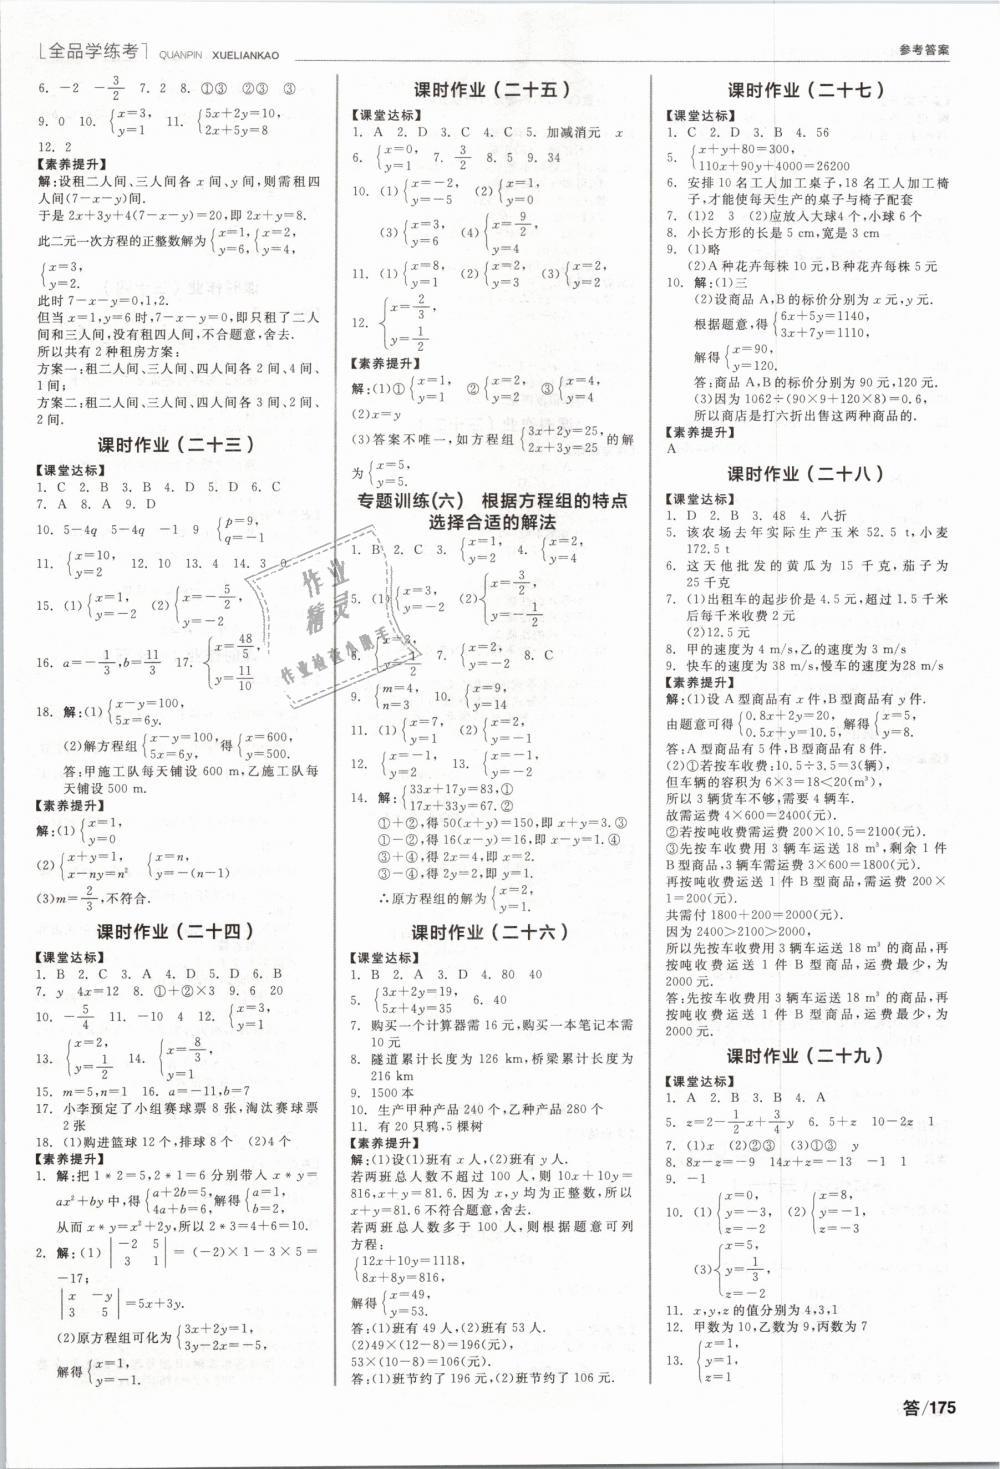 2019年全品学练考七年级数学下册人教版第9页